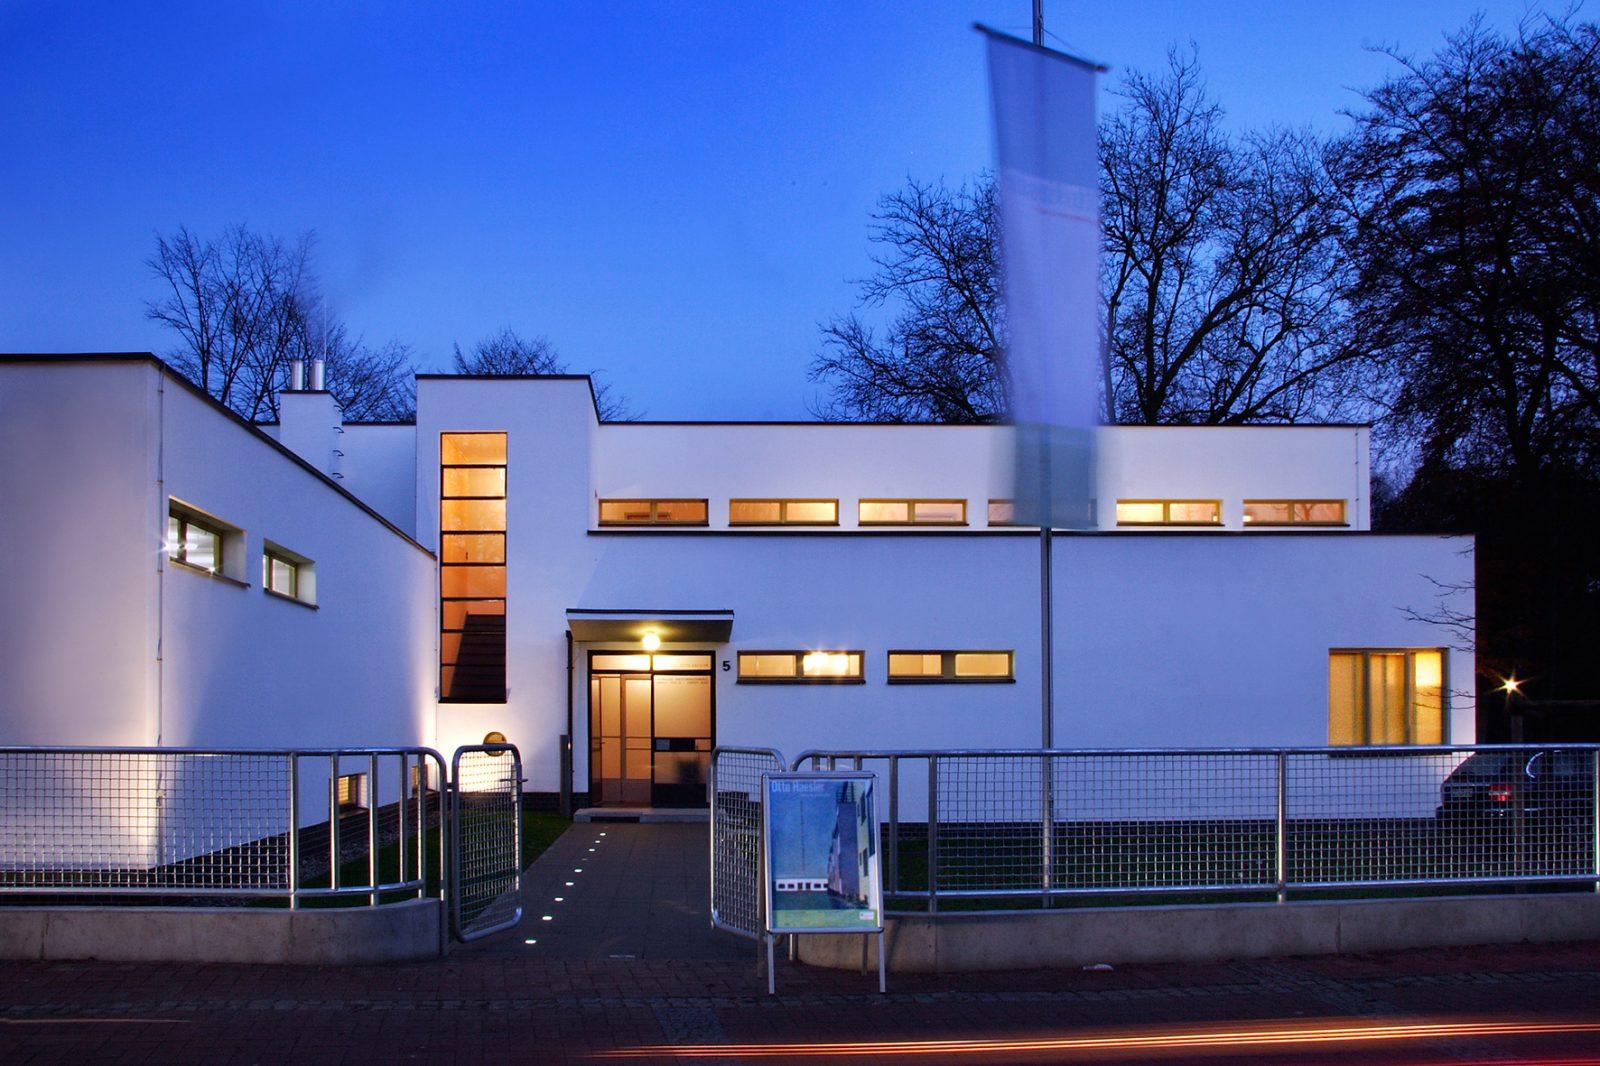 Ehemaliges Direktorenwohnhaus, heute: Galerie Dr. Jochim (A.: Otto Haesler, 1931), Foto: Hagen Immel, 2006